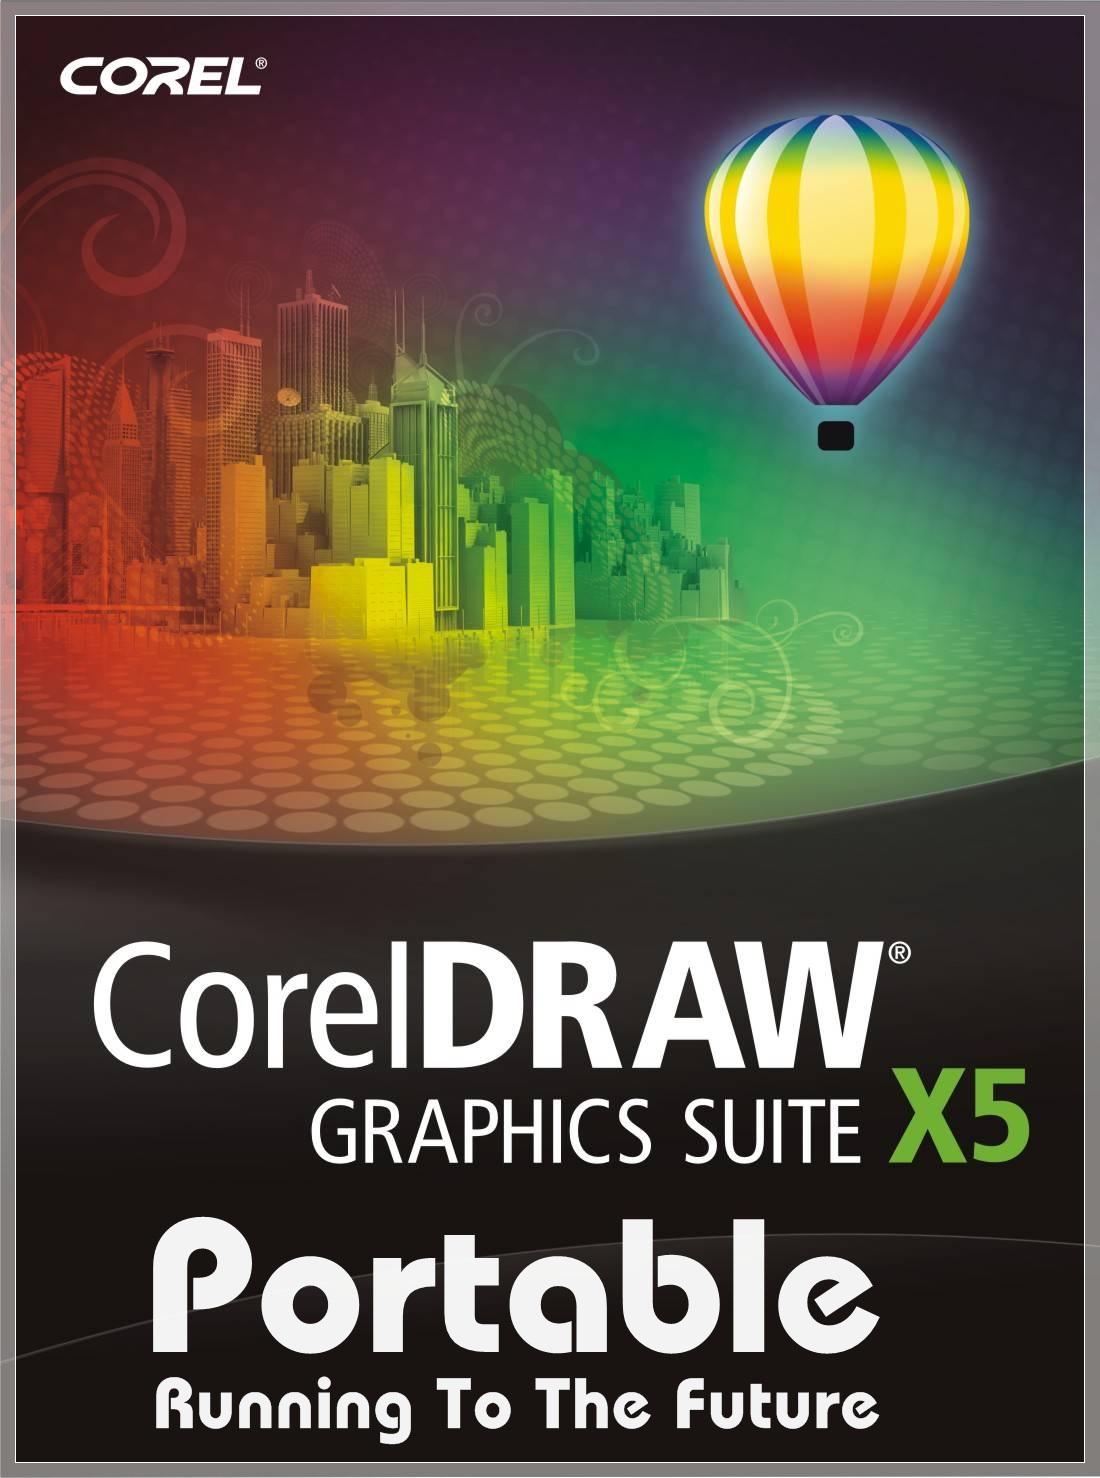 Coreldraw x4 windows 7 64 bit free download | Corel Draw X4